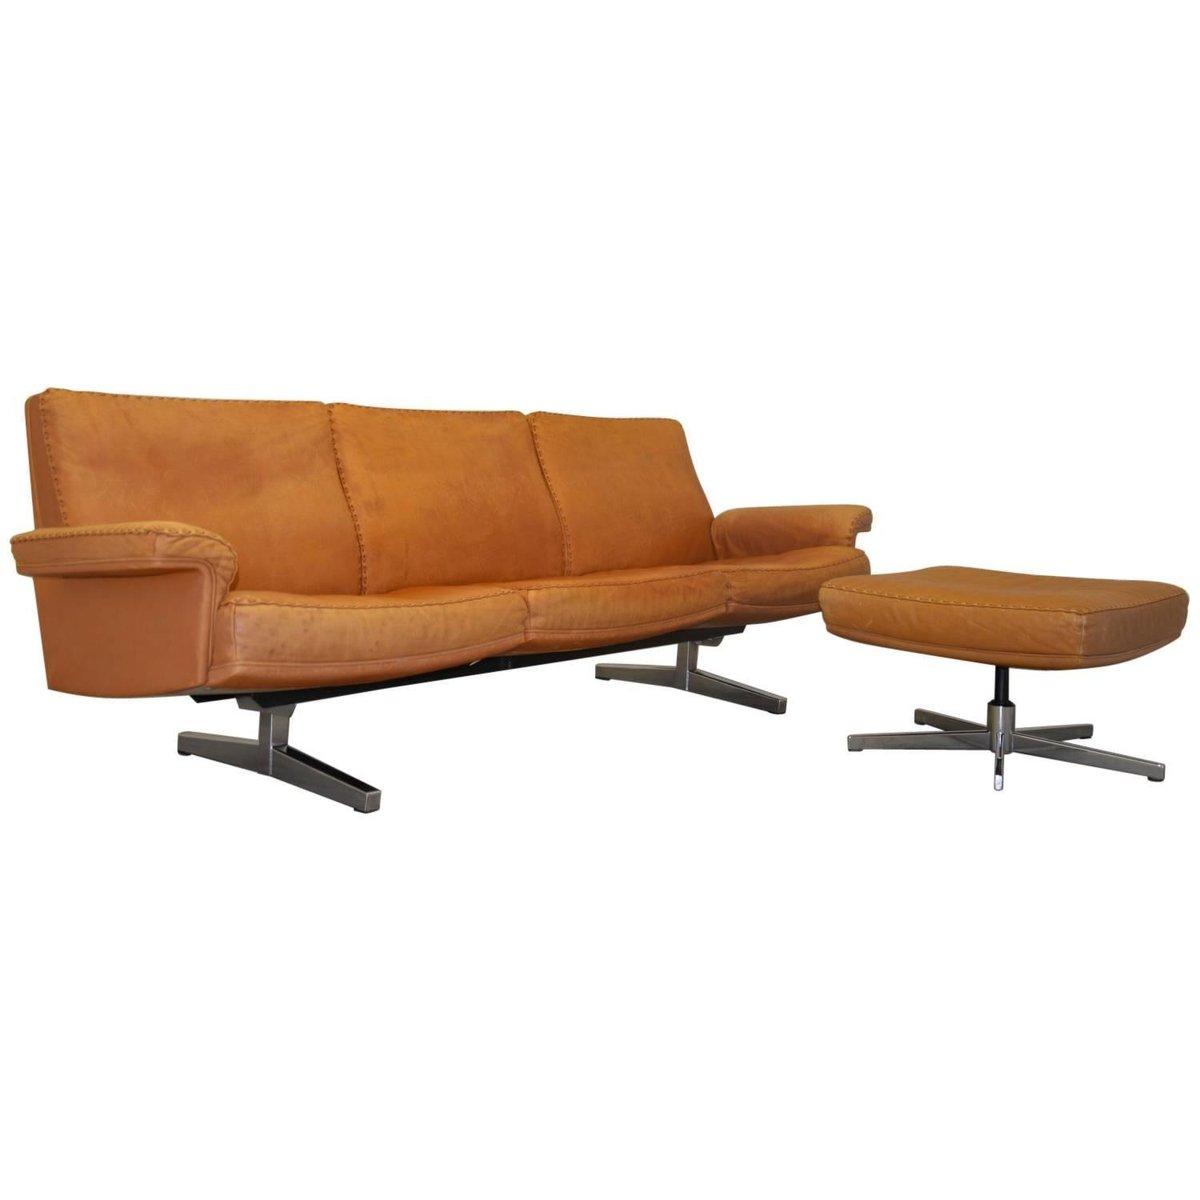 schweizerisches vintage ds 35 3 sitzer sofa und hocker von de sede 1960er bei pamono kaufen. Black Bedroom Furniture Sets. Home Design Ideas